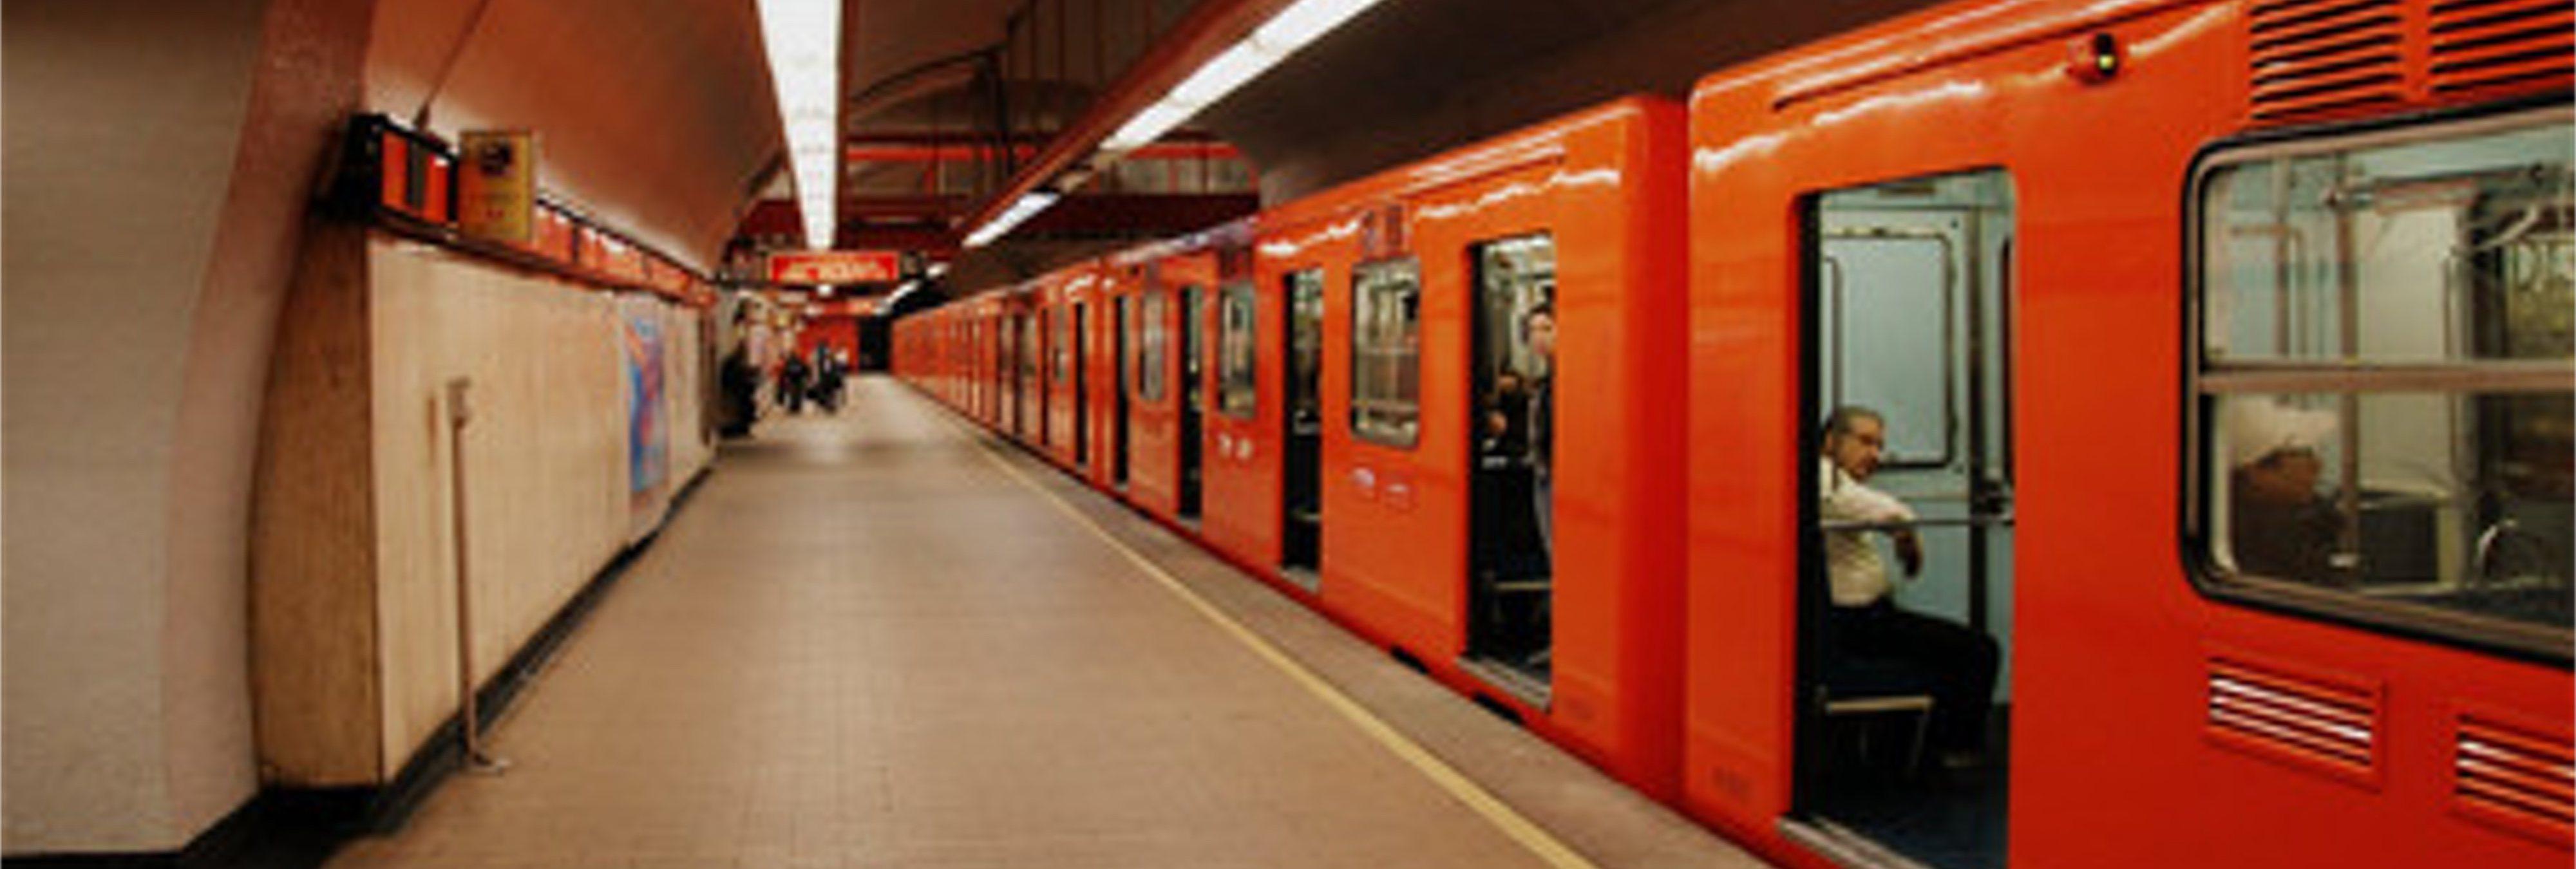 Detenido un joven por eyacular encima de una mujer en el Metro